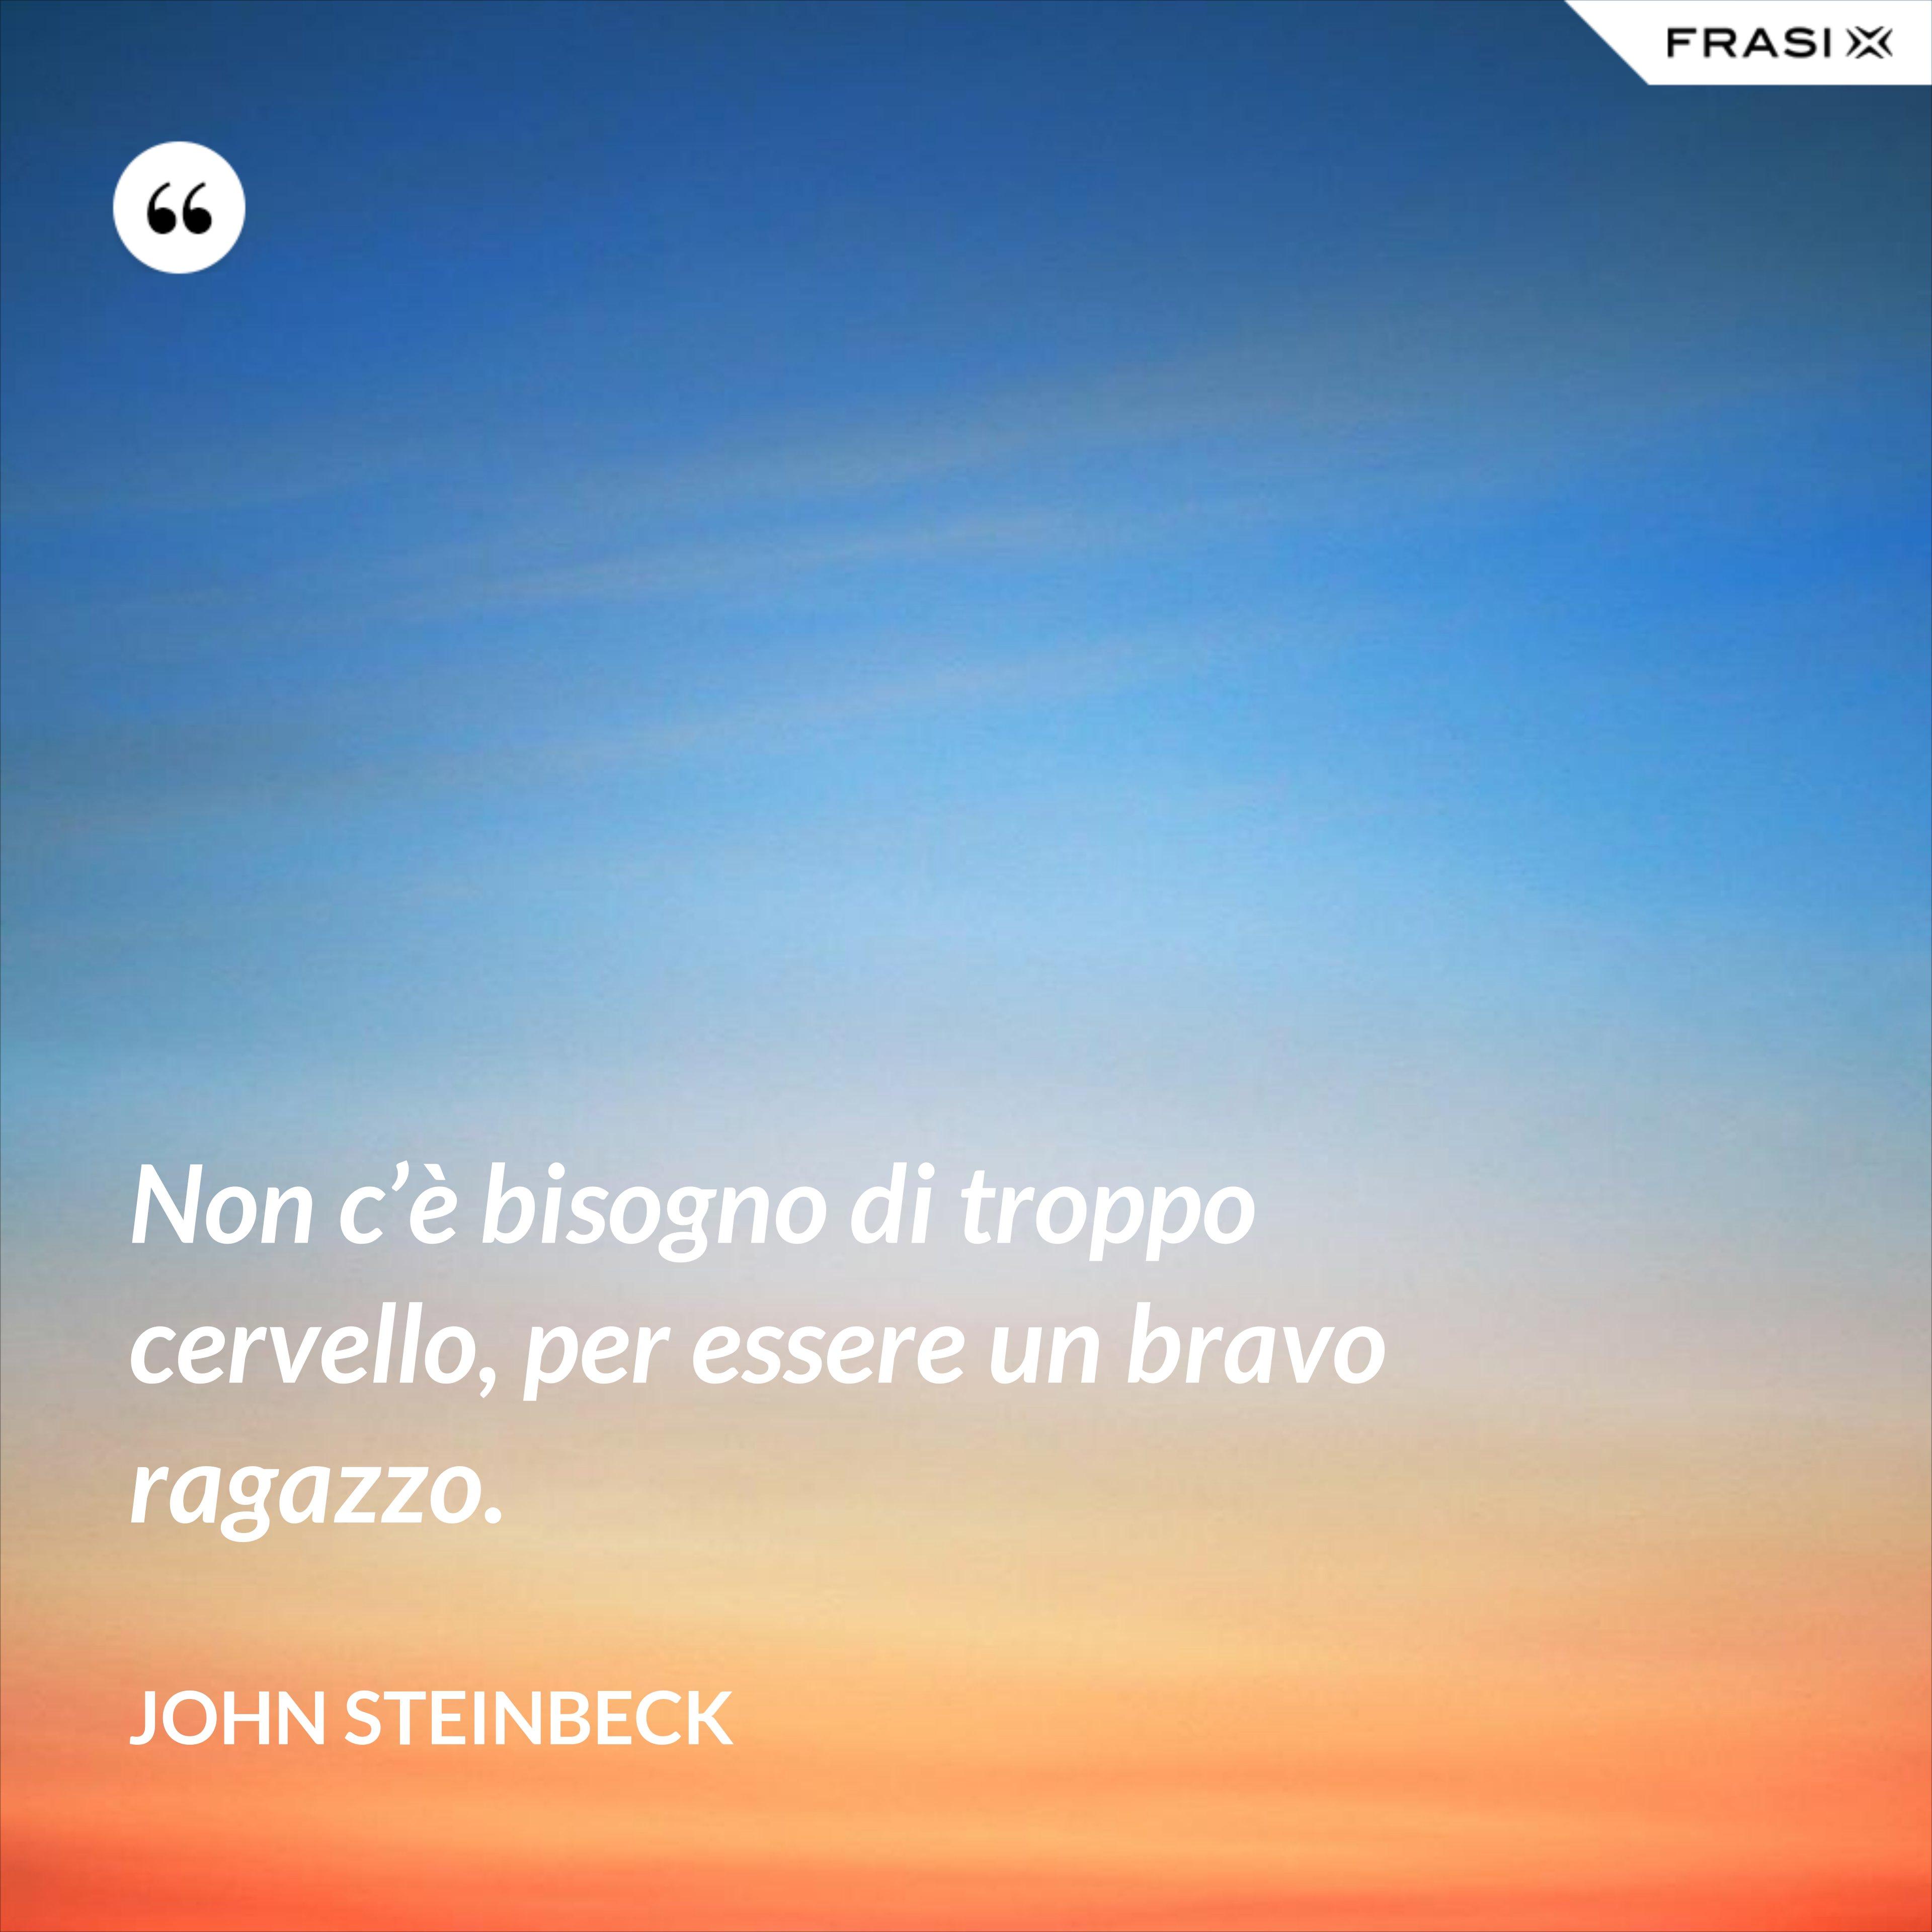 Non c'è bisogno di troppo cervello, per essere un bravo ragazzo. - John Steinbeck